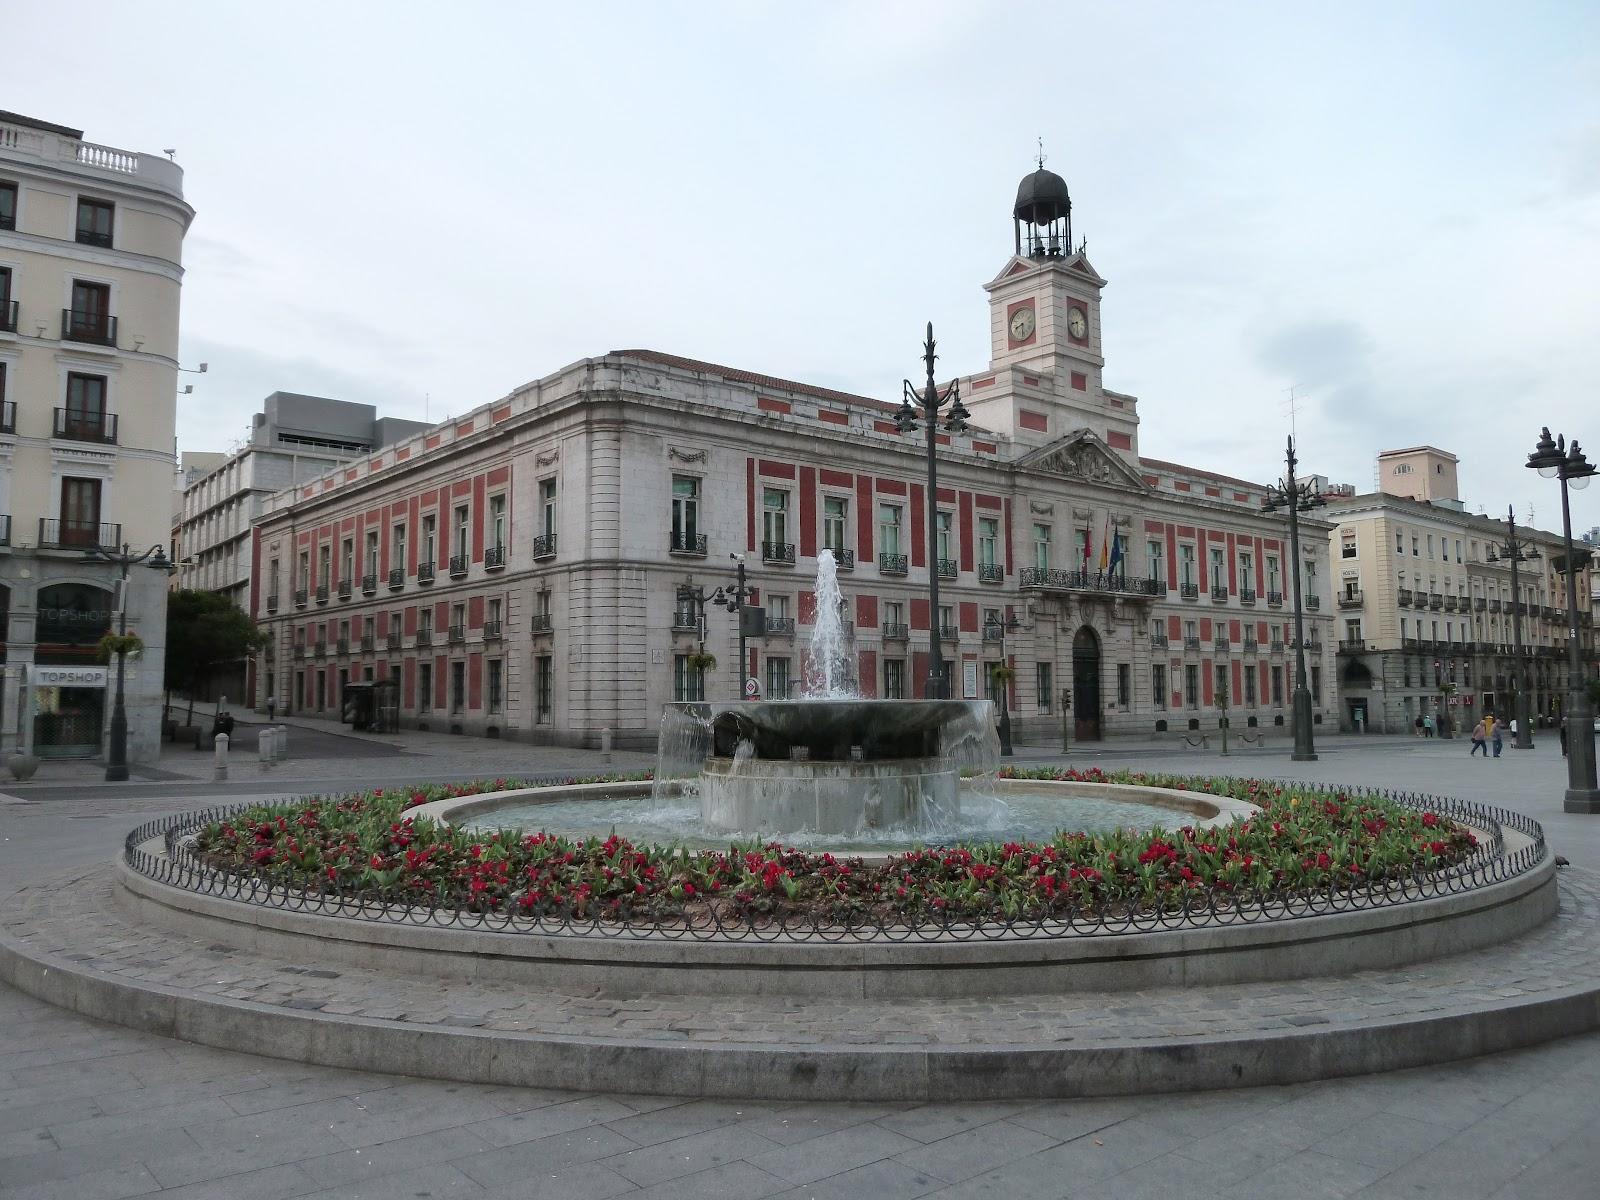 Puerta_del_Sol_(Madrid)_17.jpg